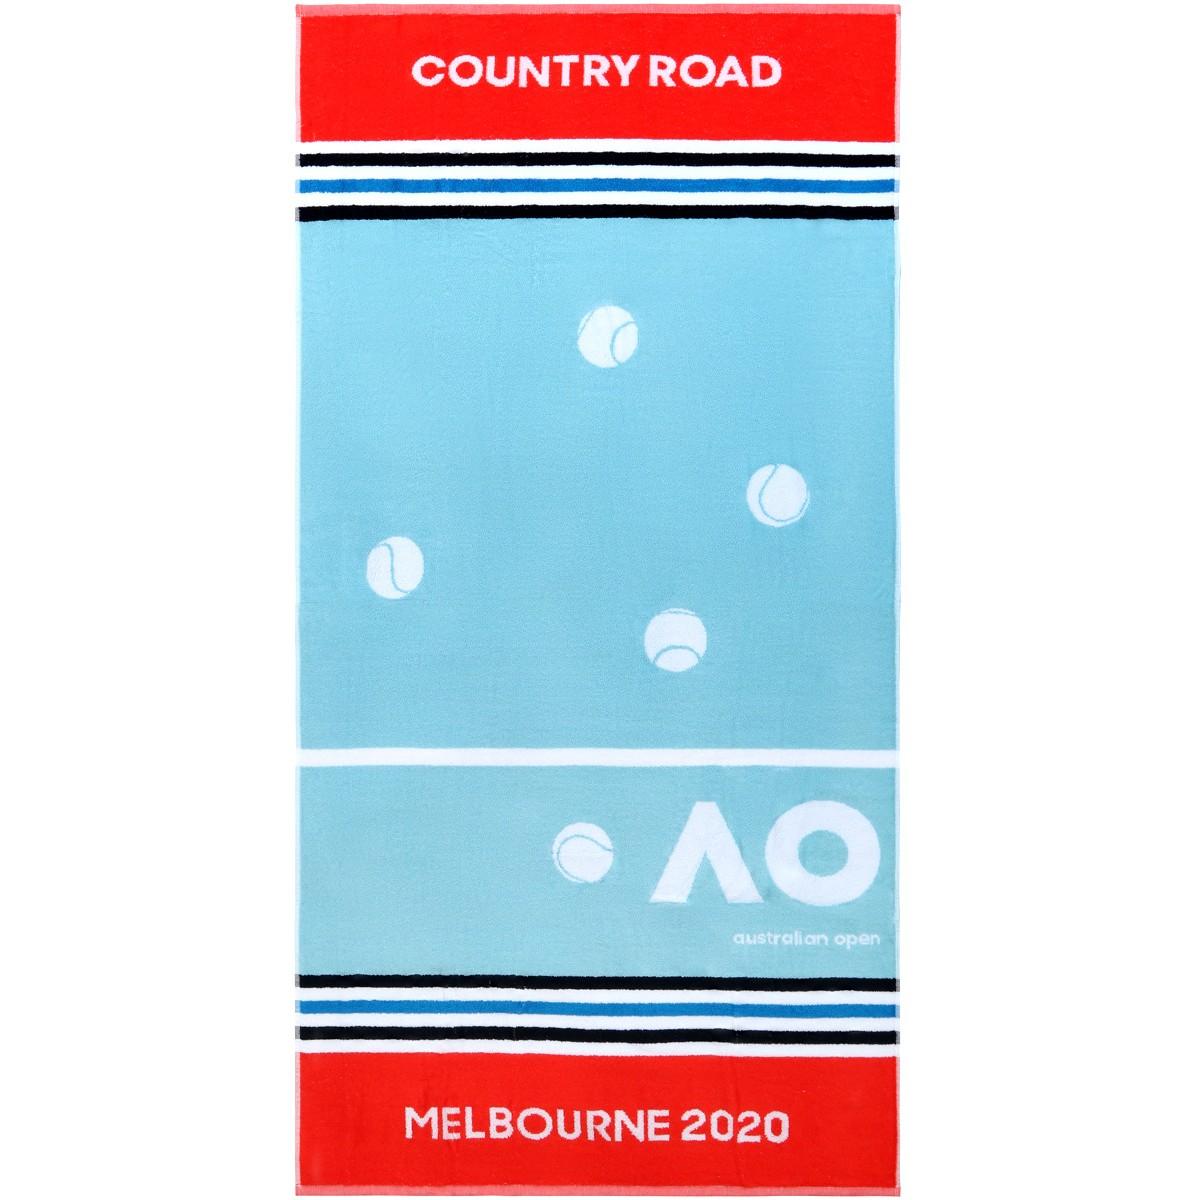 Serviette joueur australian open 2020 59×90 cm